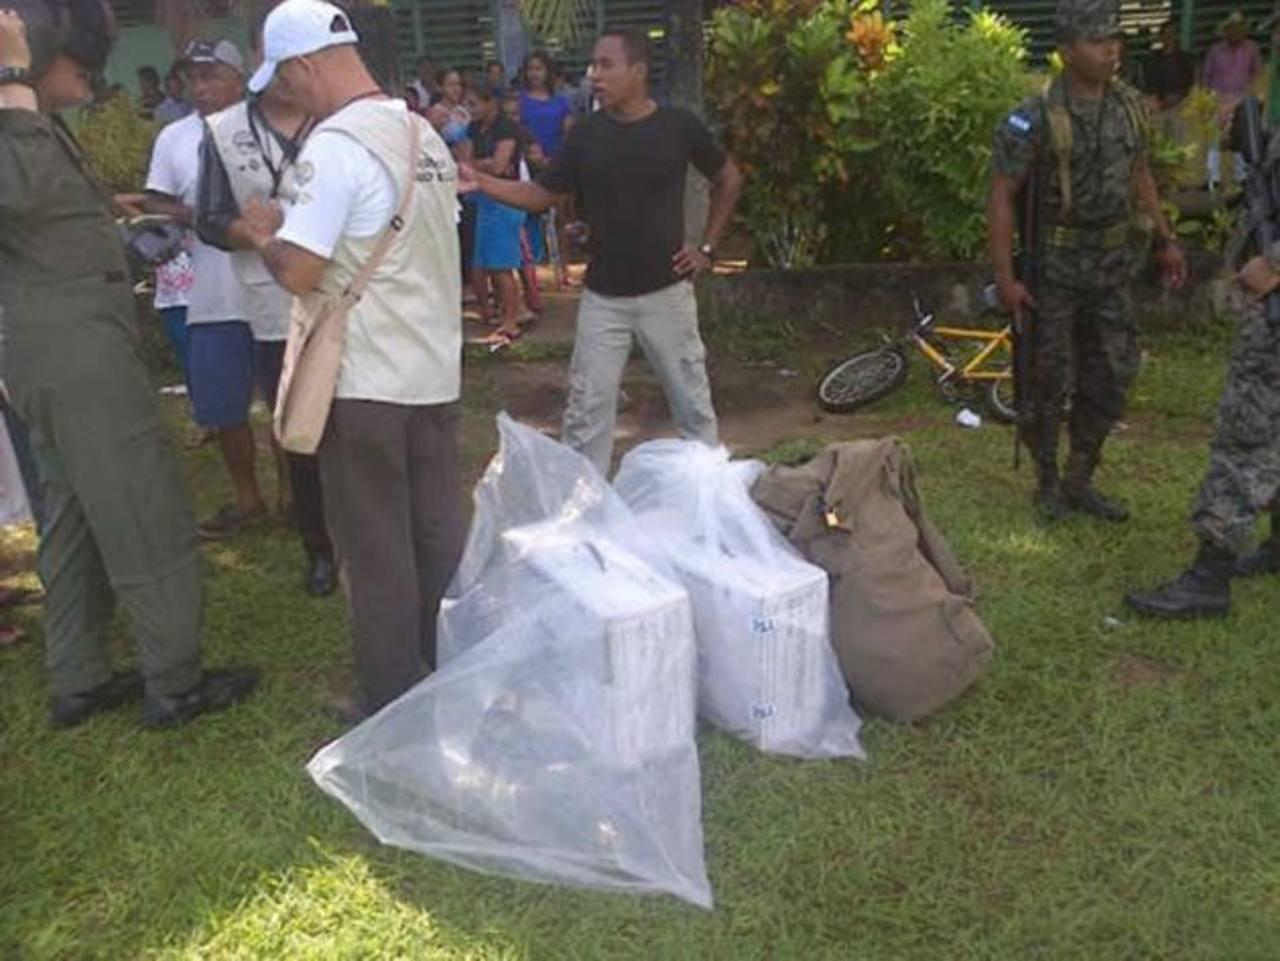 Las urnas asignadas a la comunidad donde ocurrió el hecho fueron trasladadas.